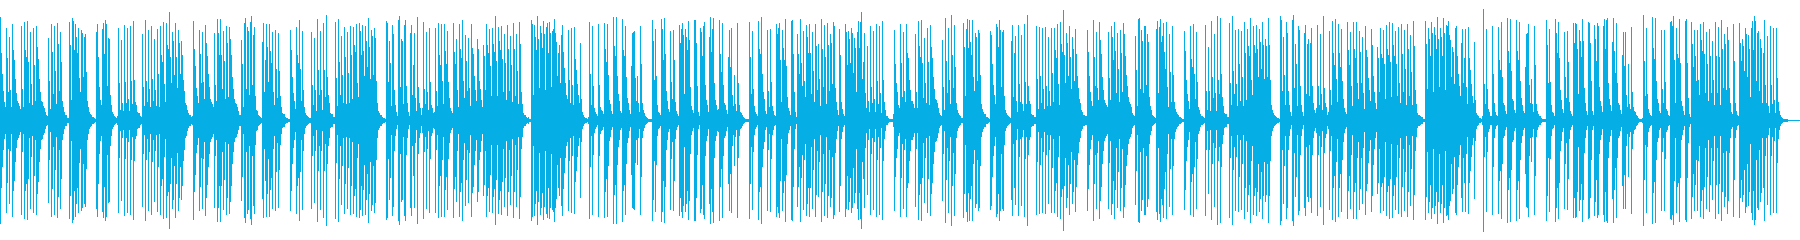 ほのぼのした雰囲気。三線のみを使用した曲の再生済みの波形